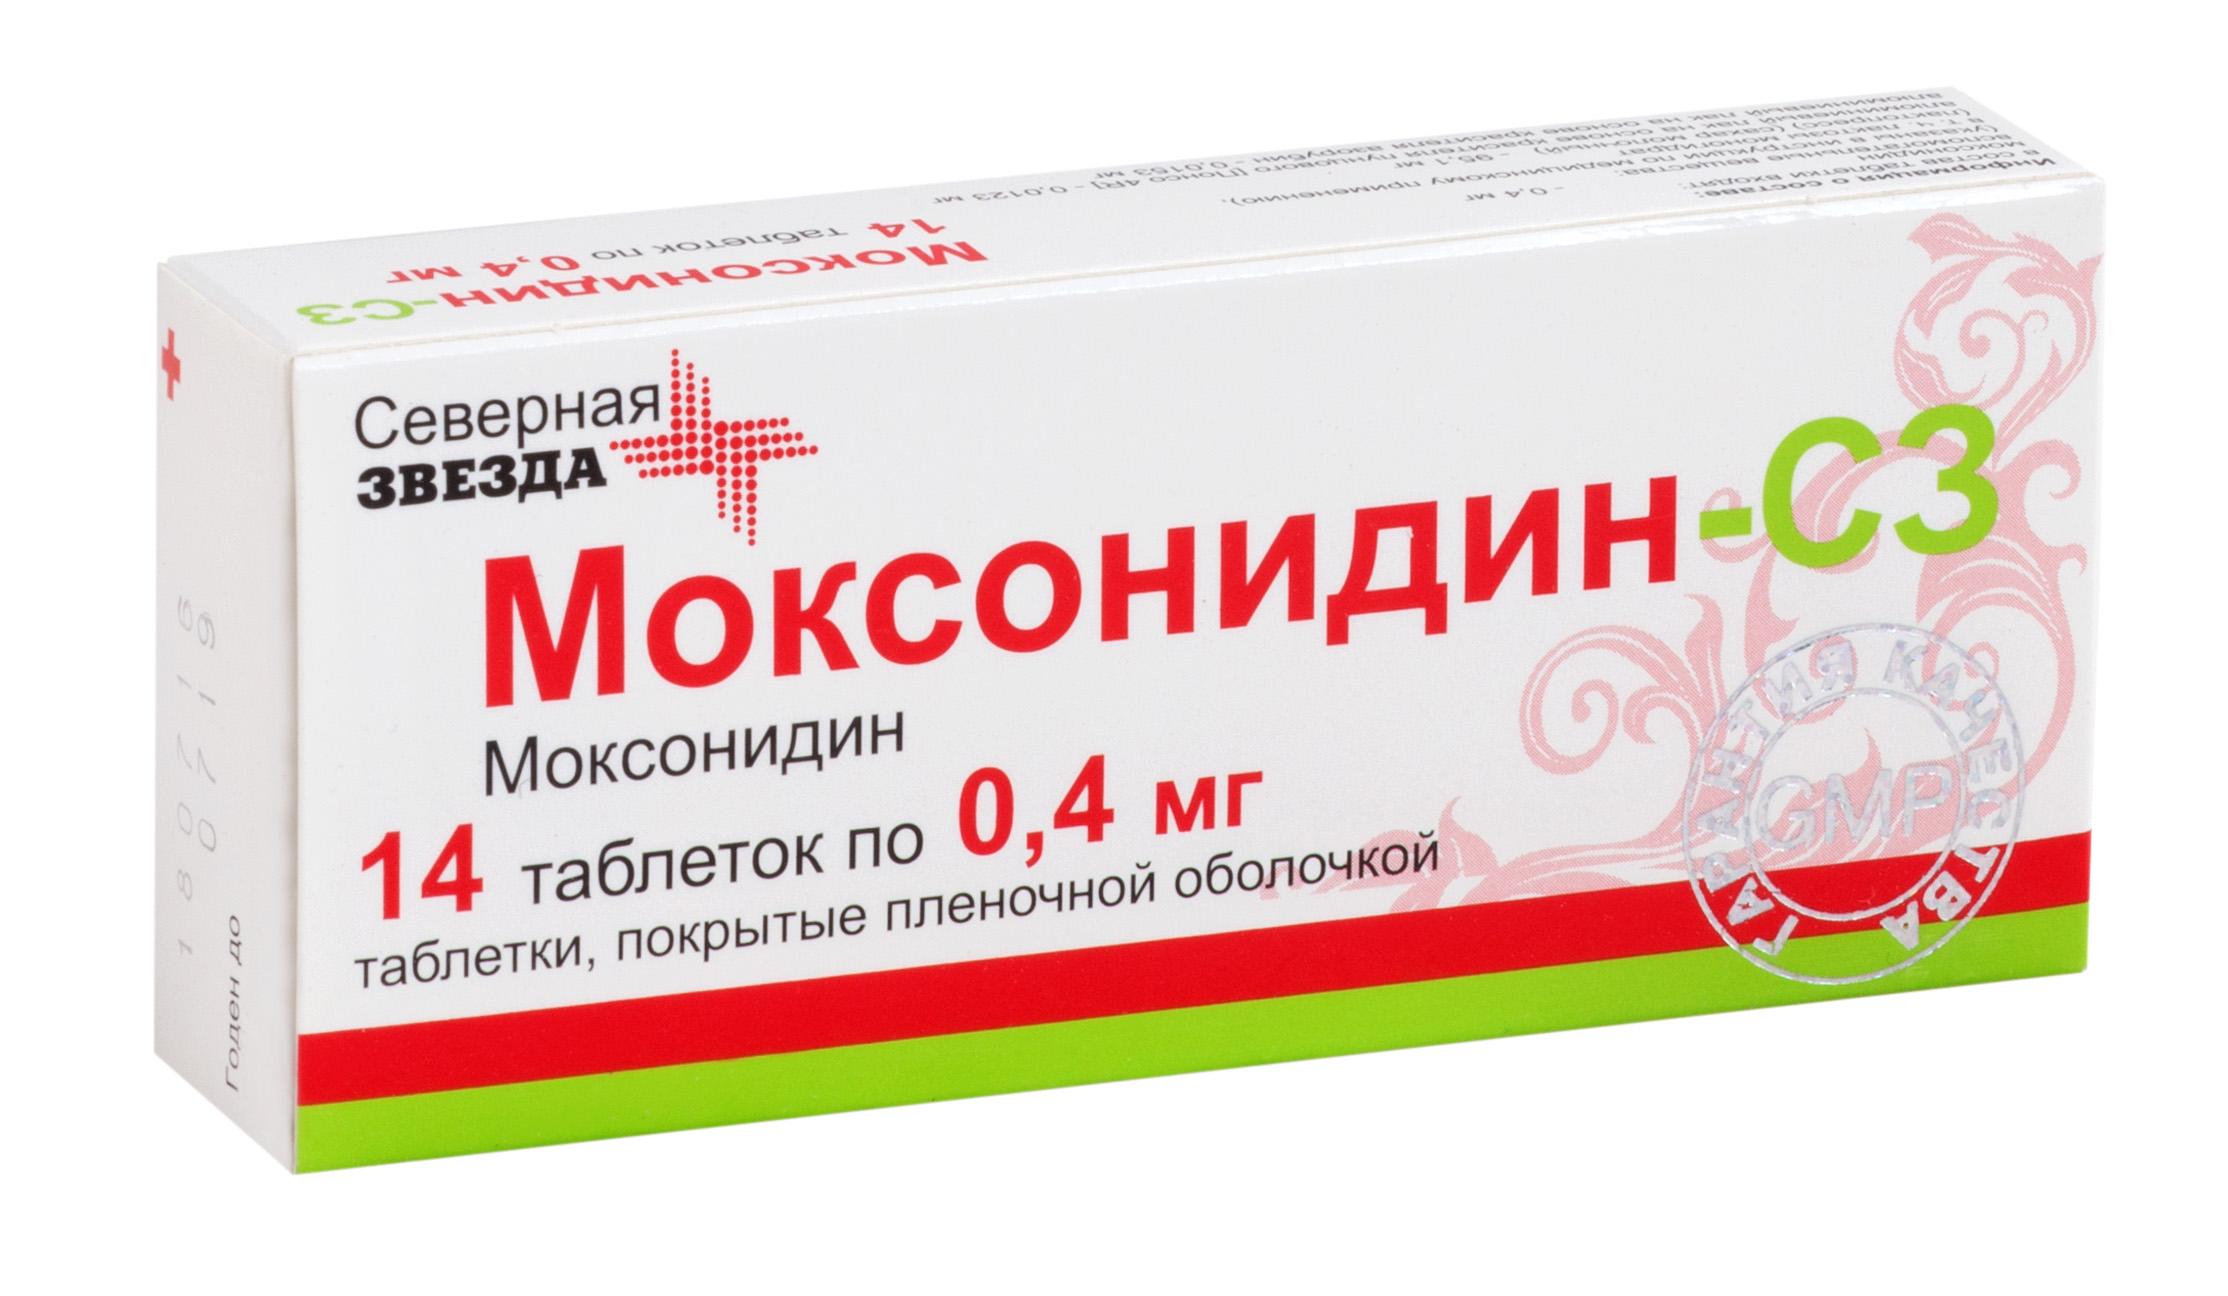 Моксонидин-СЗ табл. п.п.о. 0,4 мг №14